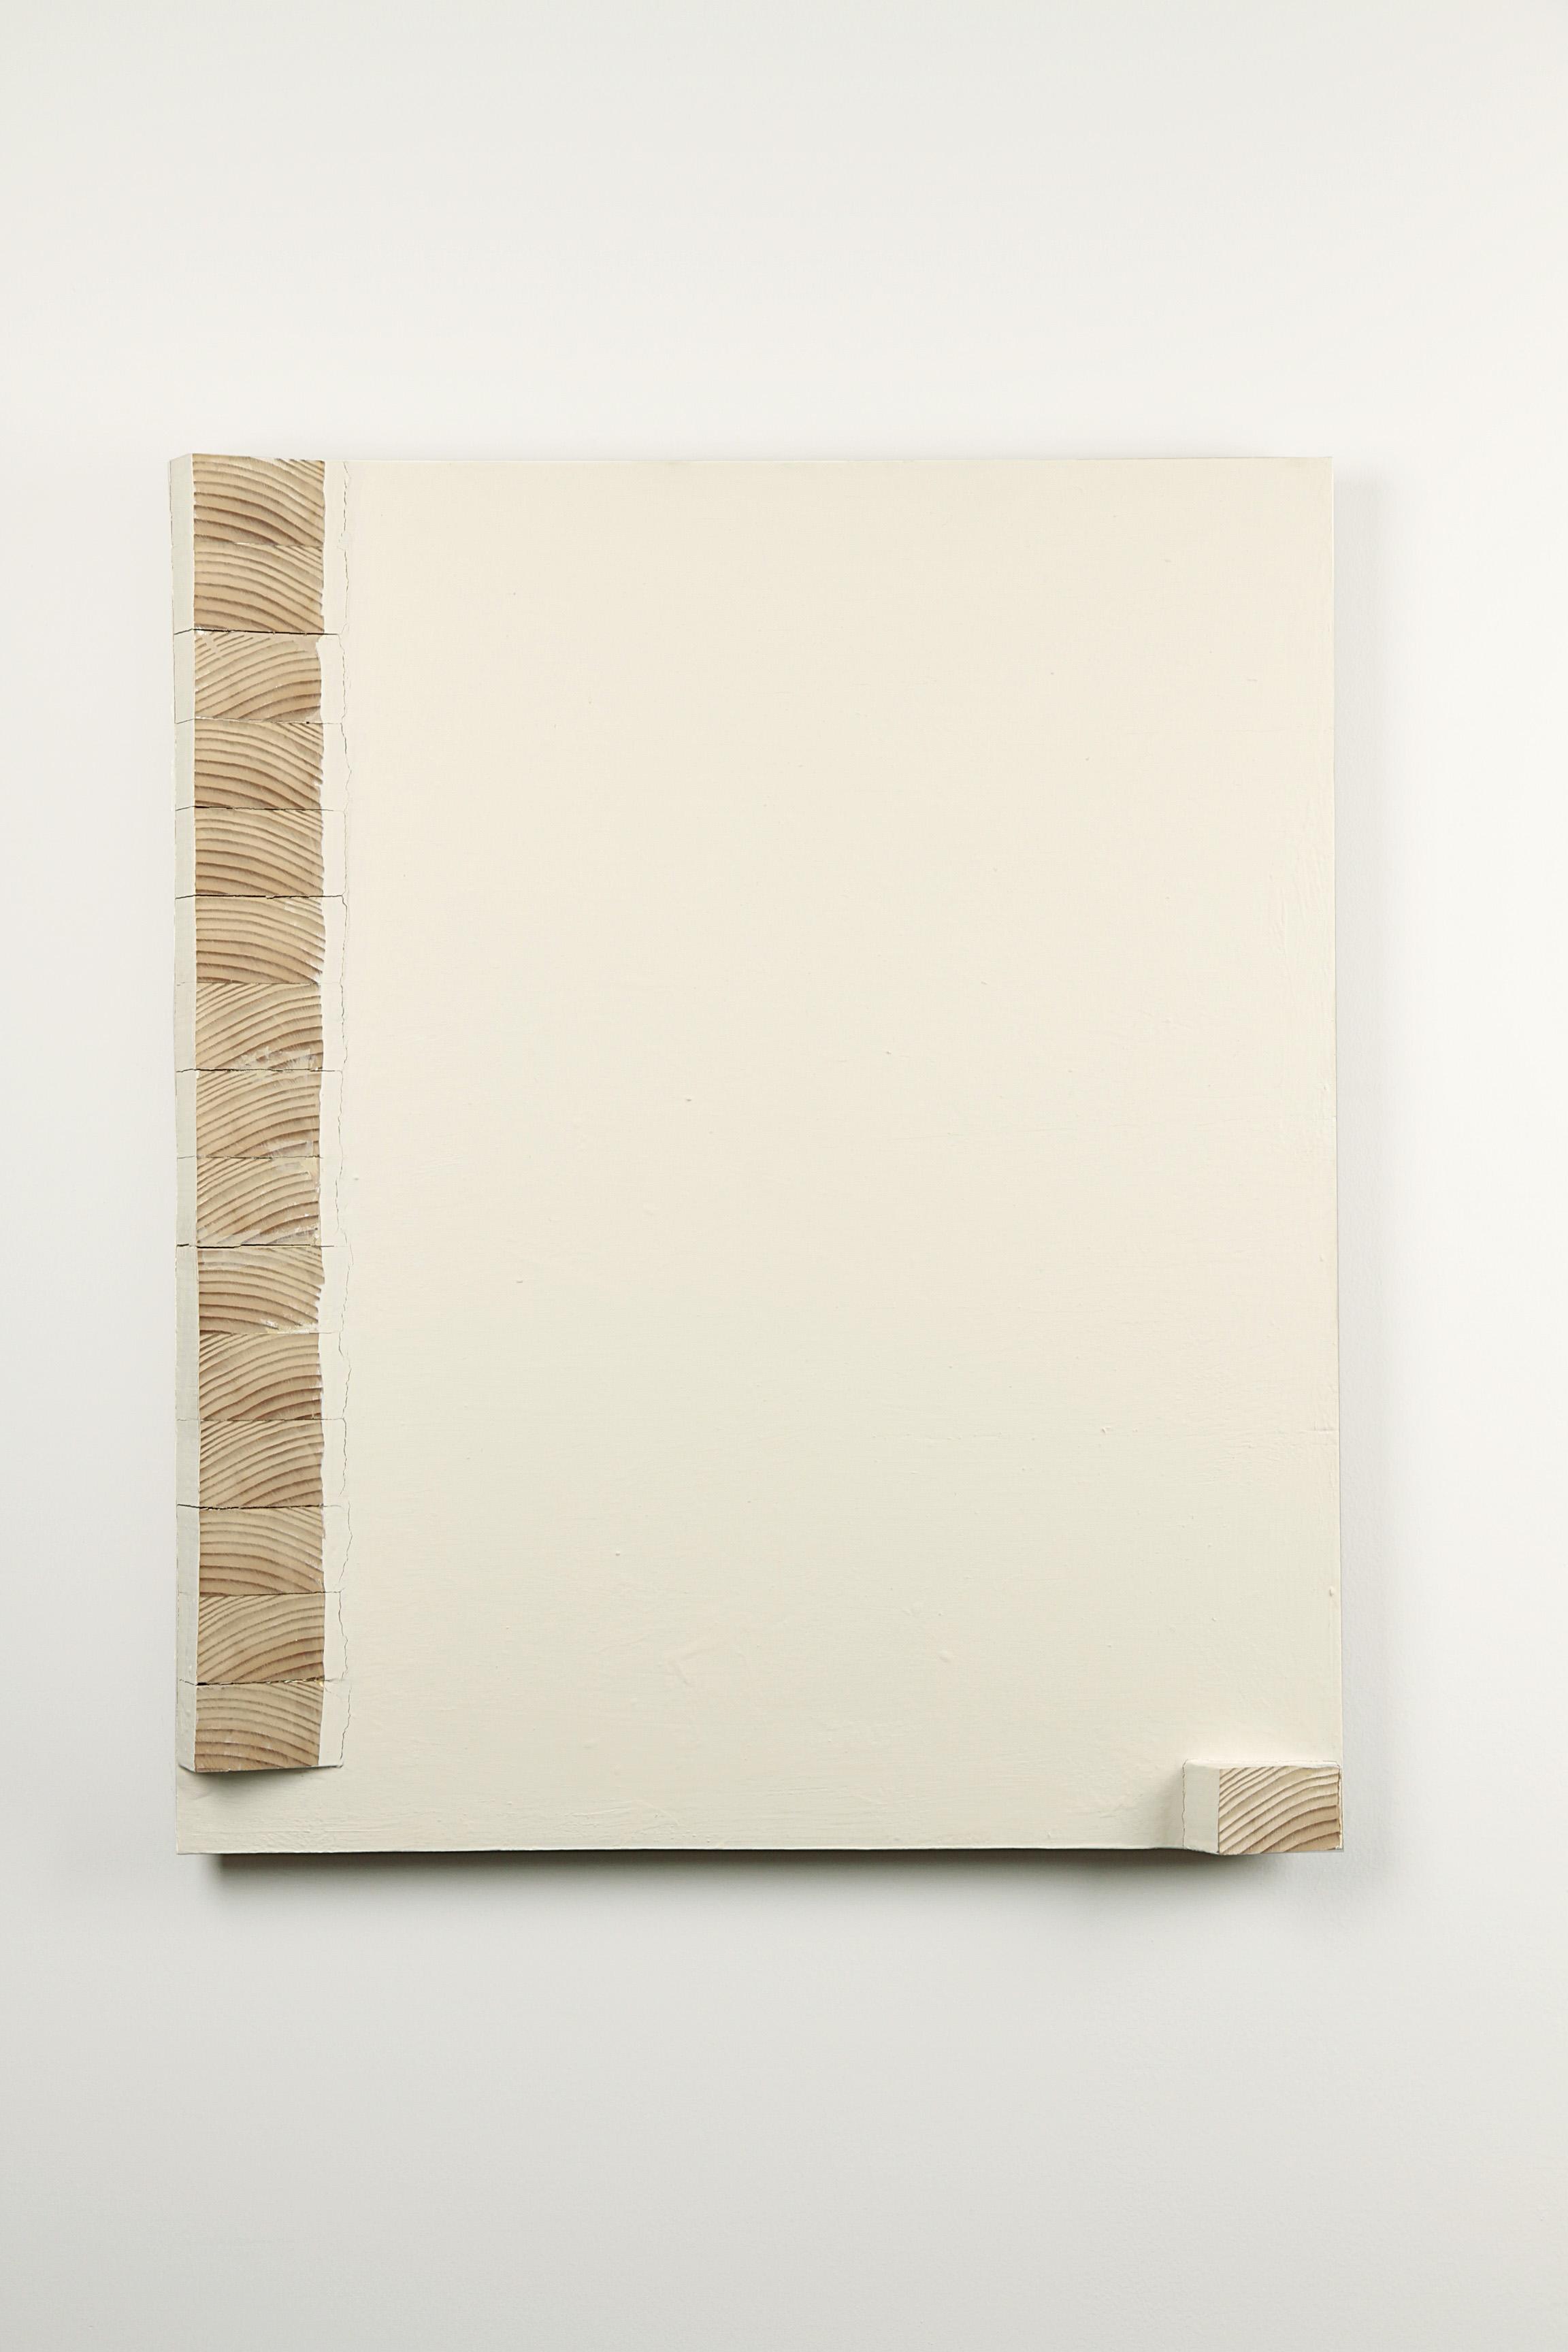 Okitate    Oil, wood 75 x 62.5 cm 1994